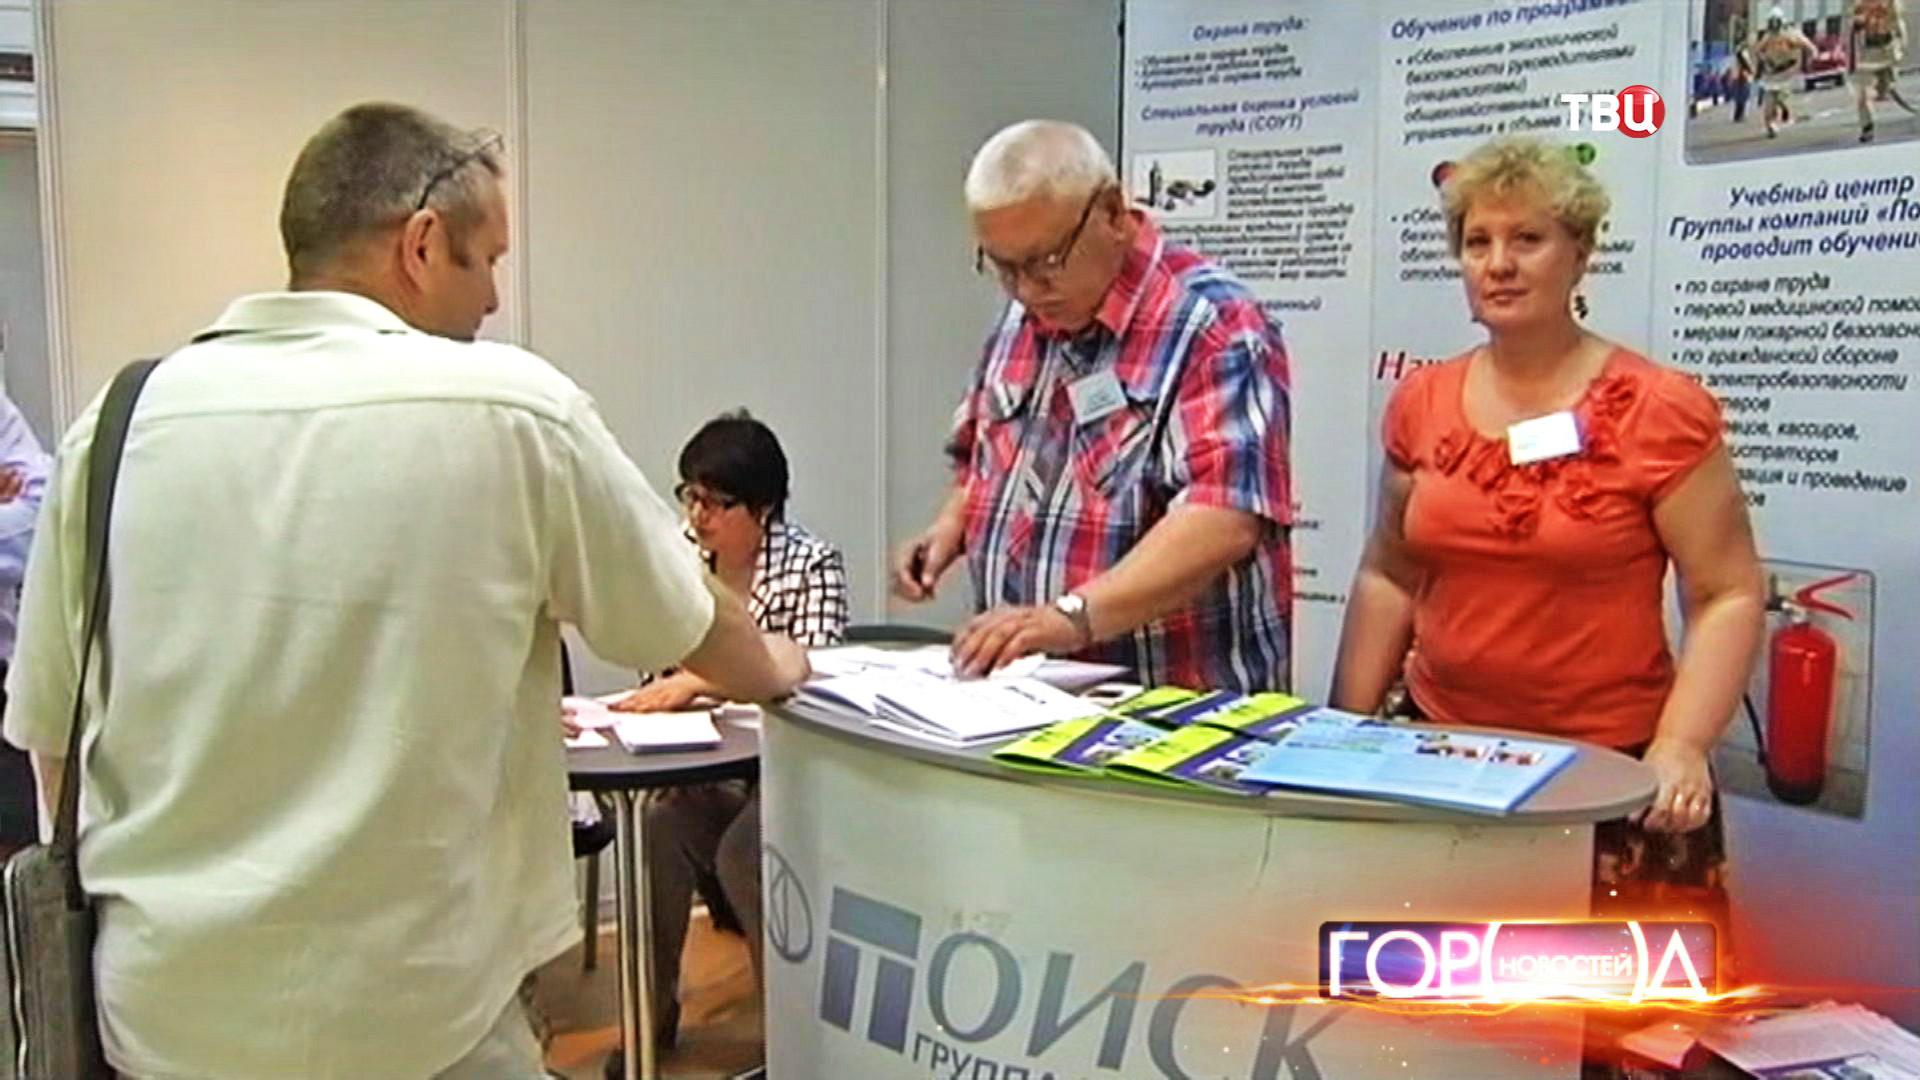 """Общегородская выставка """"Охрана труда"""" в """"Экспоцентре"""""""